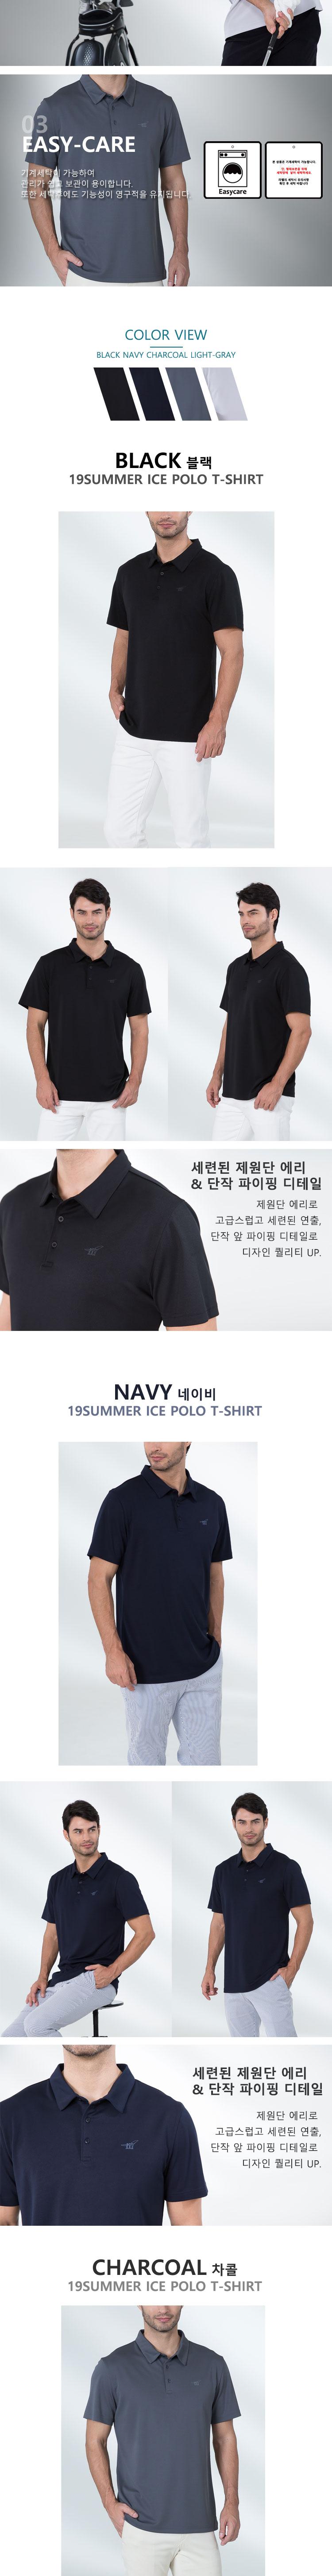 HCG_19SS_ICE-POLO_티셔츠4종_남2_02.jpg